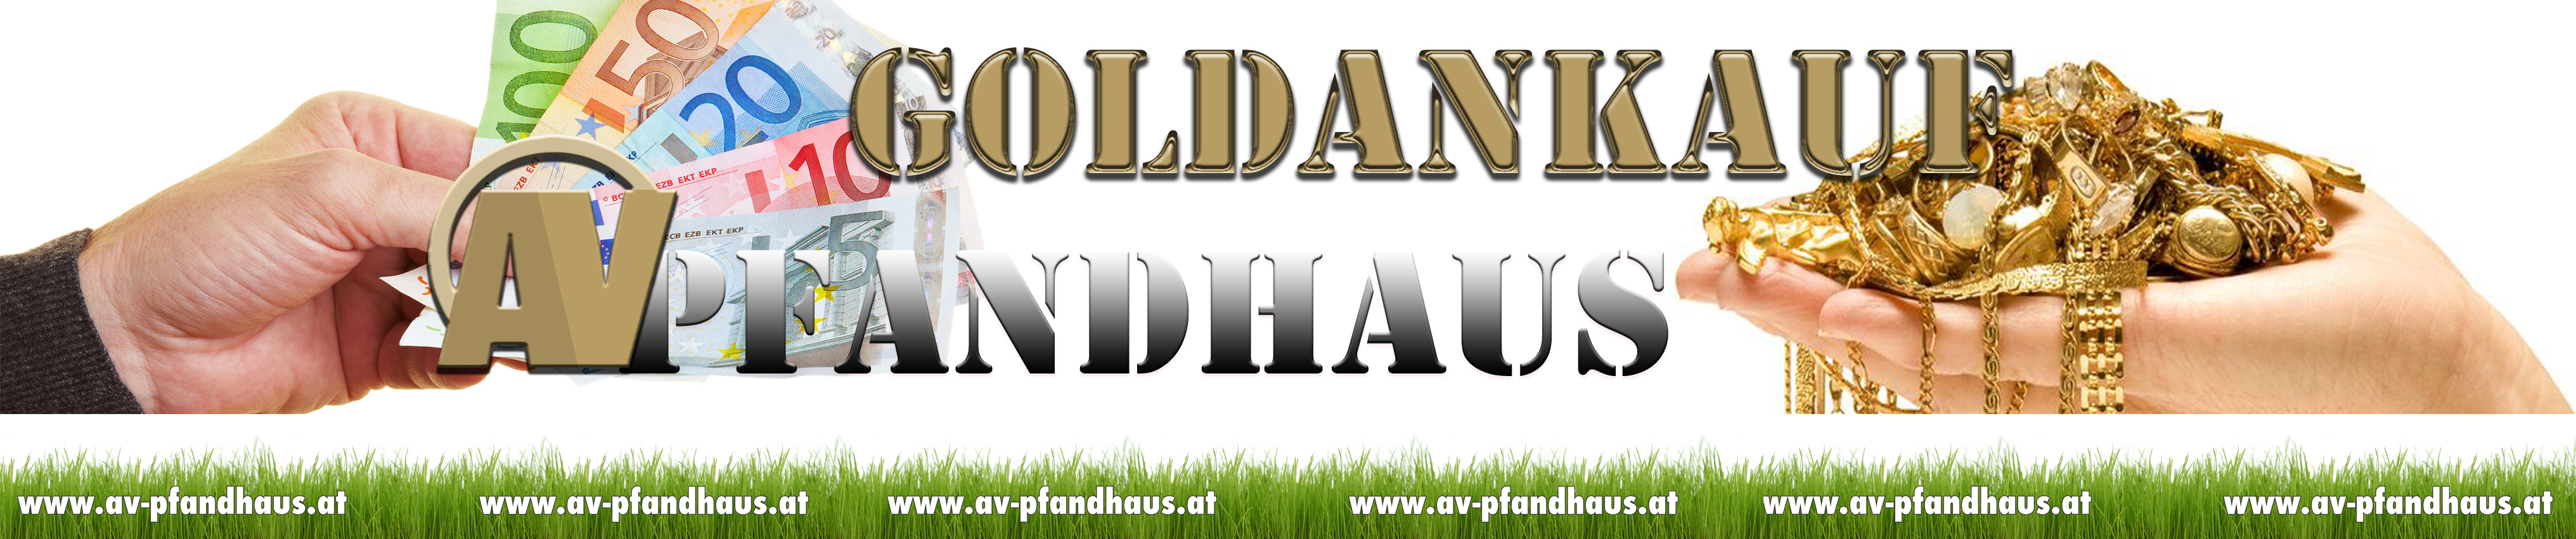 Goldankauf_Banner